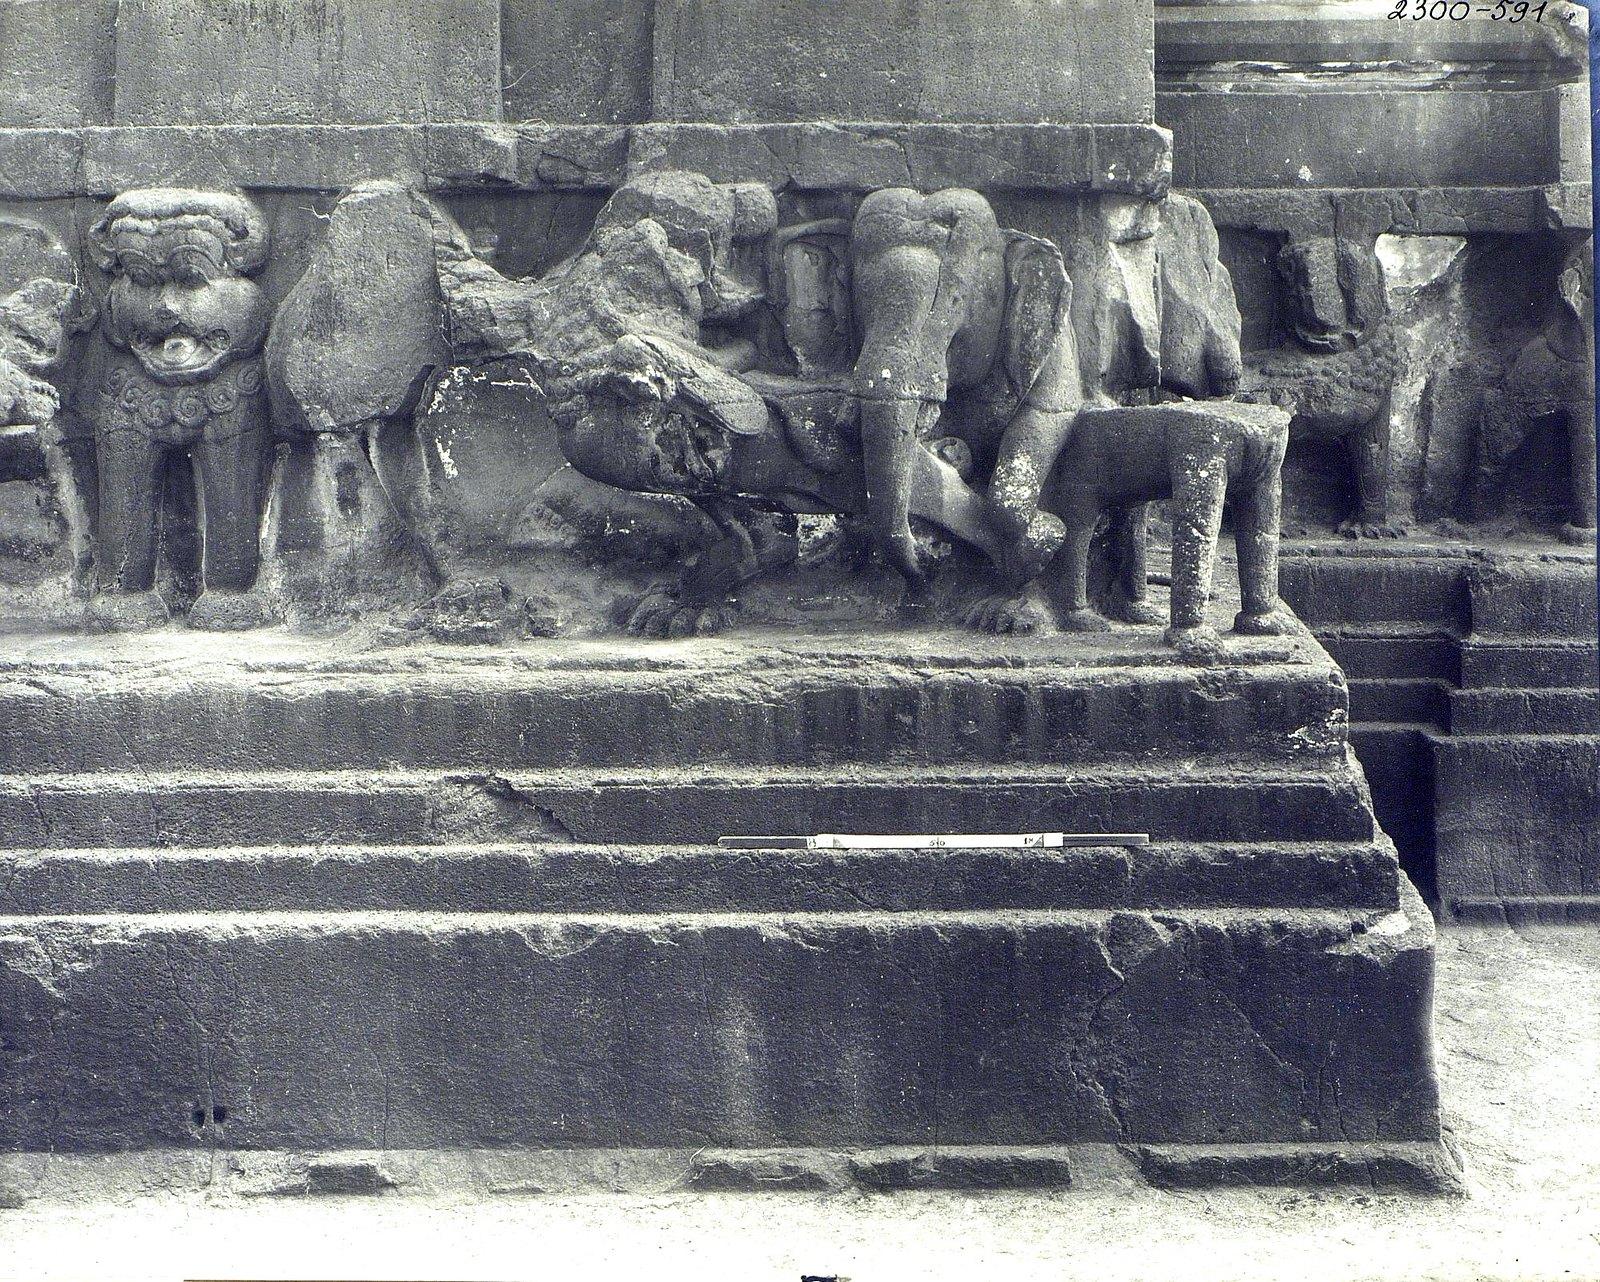 Храм Кайласа в Эллоре (деталь рельефа со слонами и львами) (19)